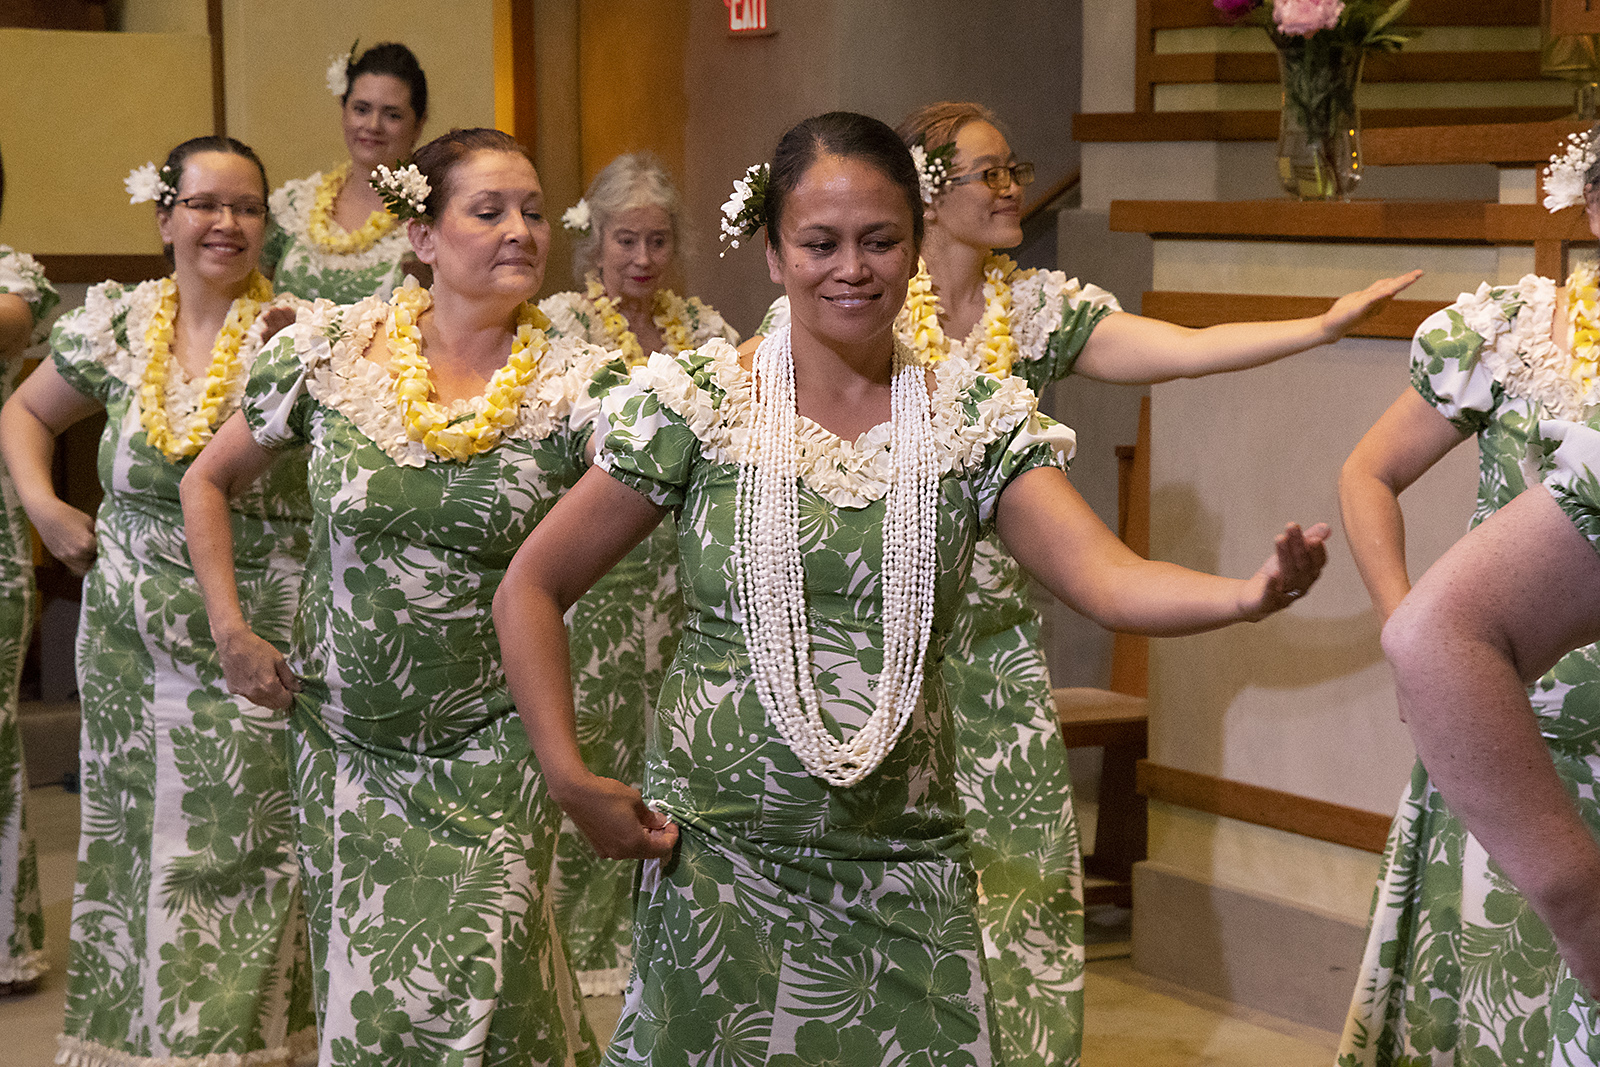 Photo of Halau i Ka Pono dancers courtesy of Tom Neiman.